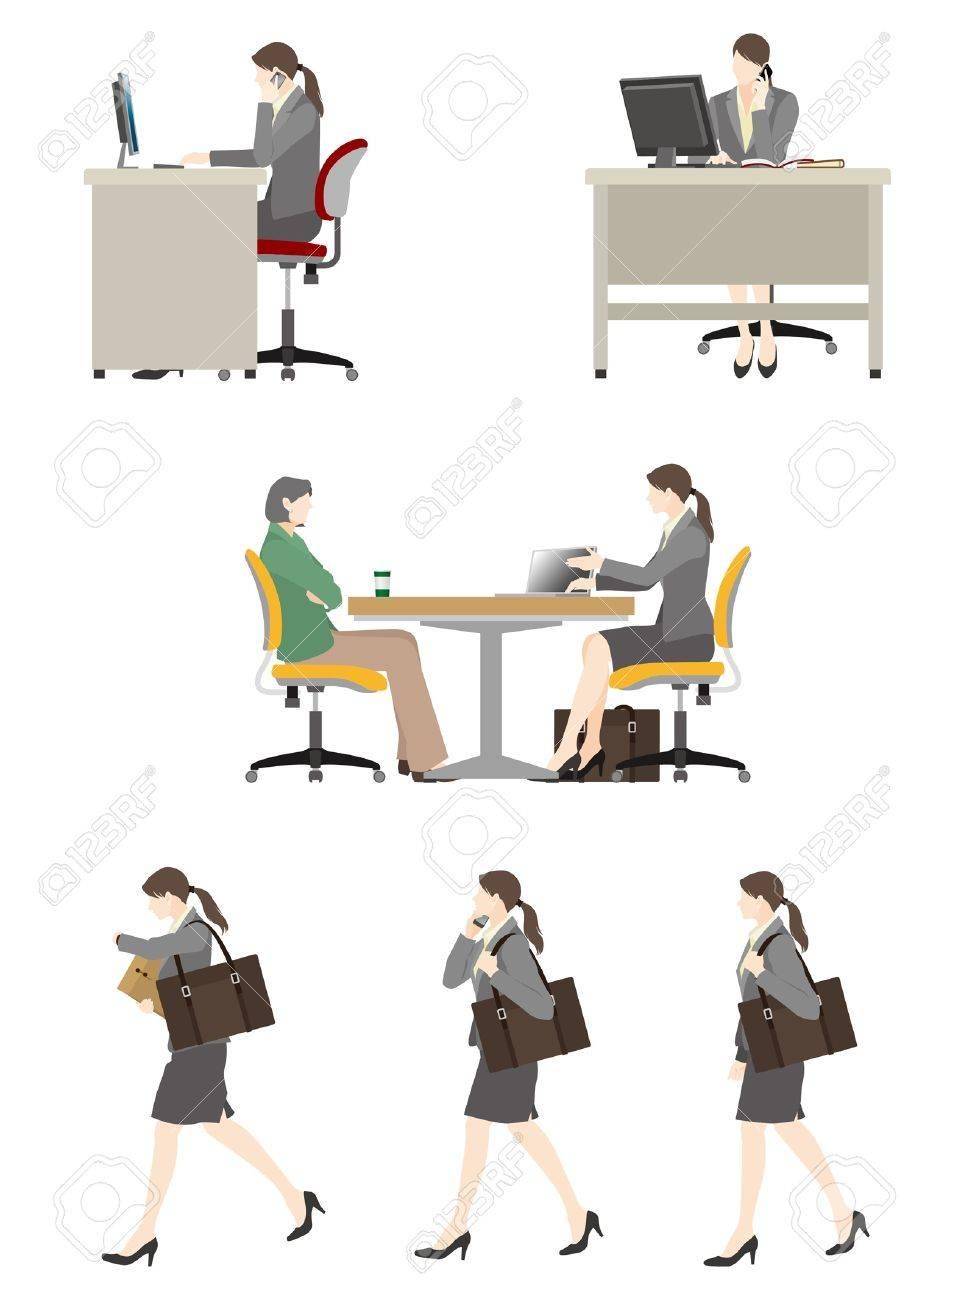 Businesswoman / Work - 19879499